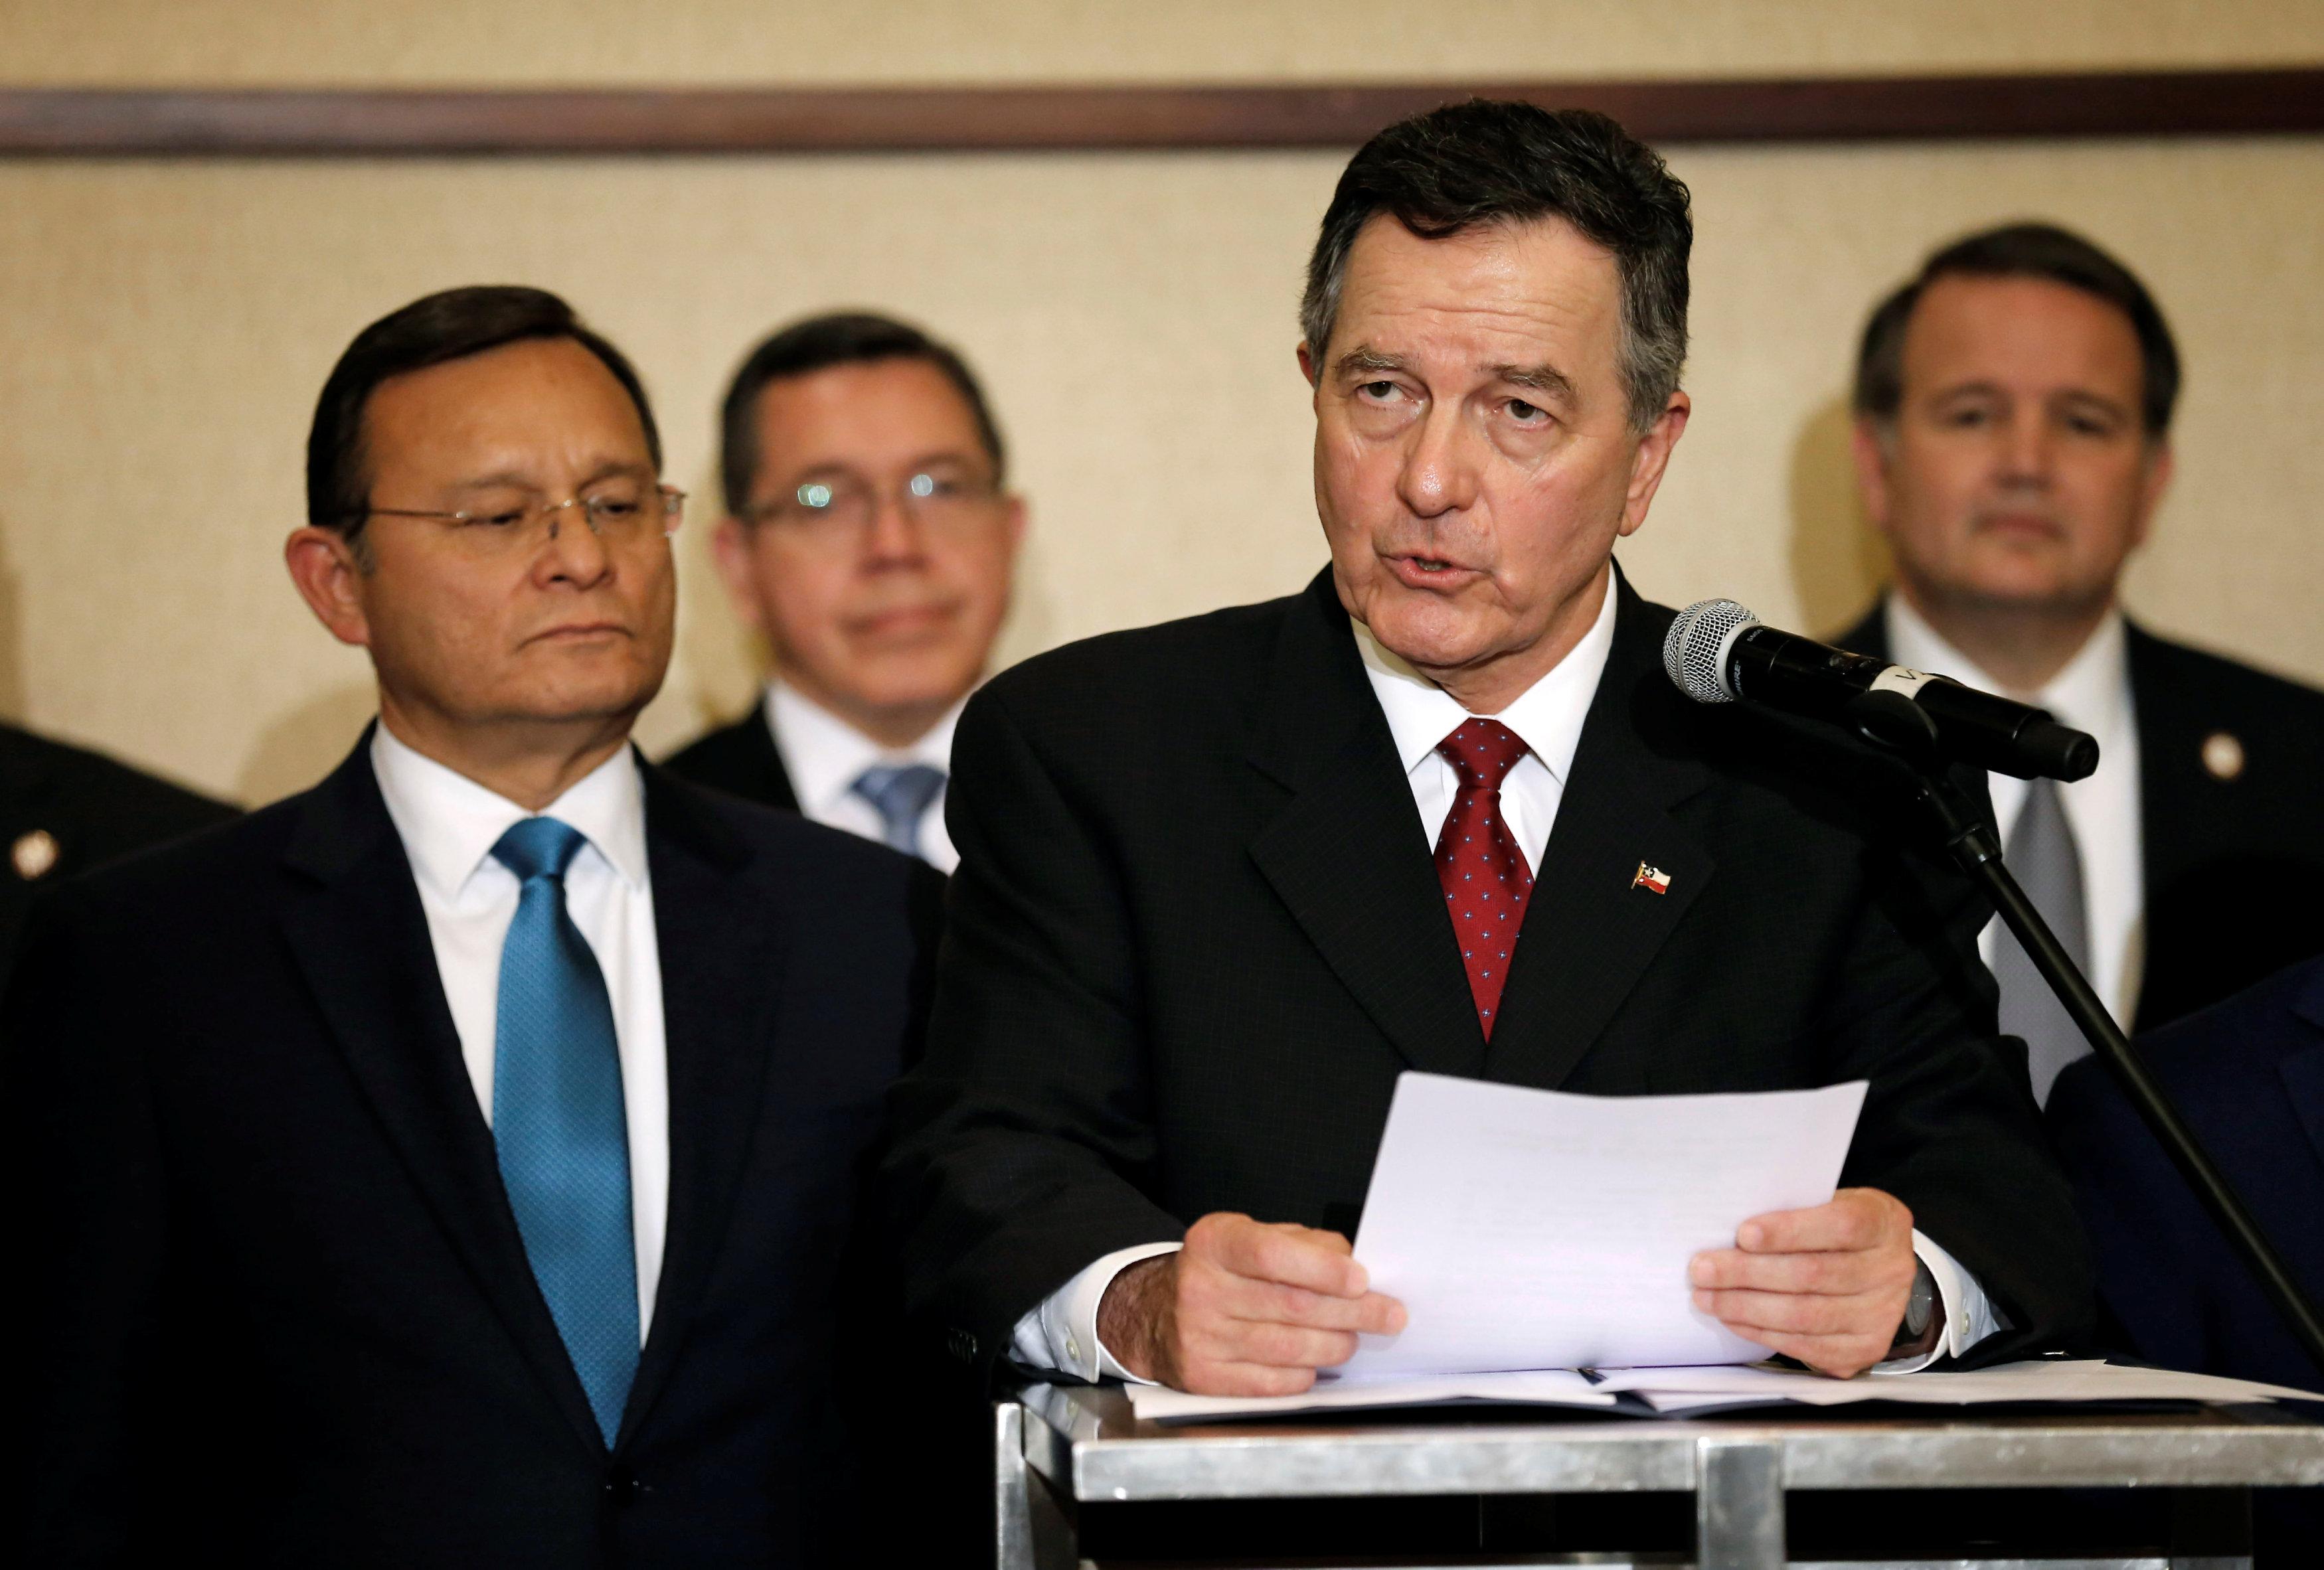 Grupo de Lima: Es indispensable el cese de la usurpación para realizar elecciones libres (Video)